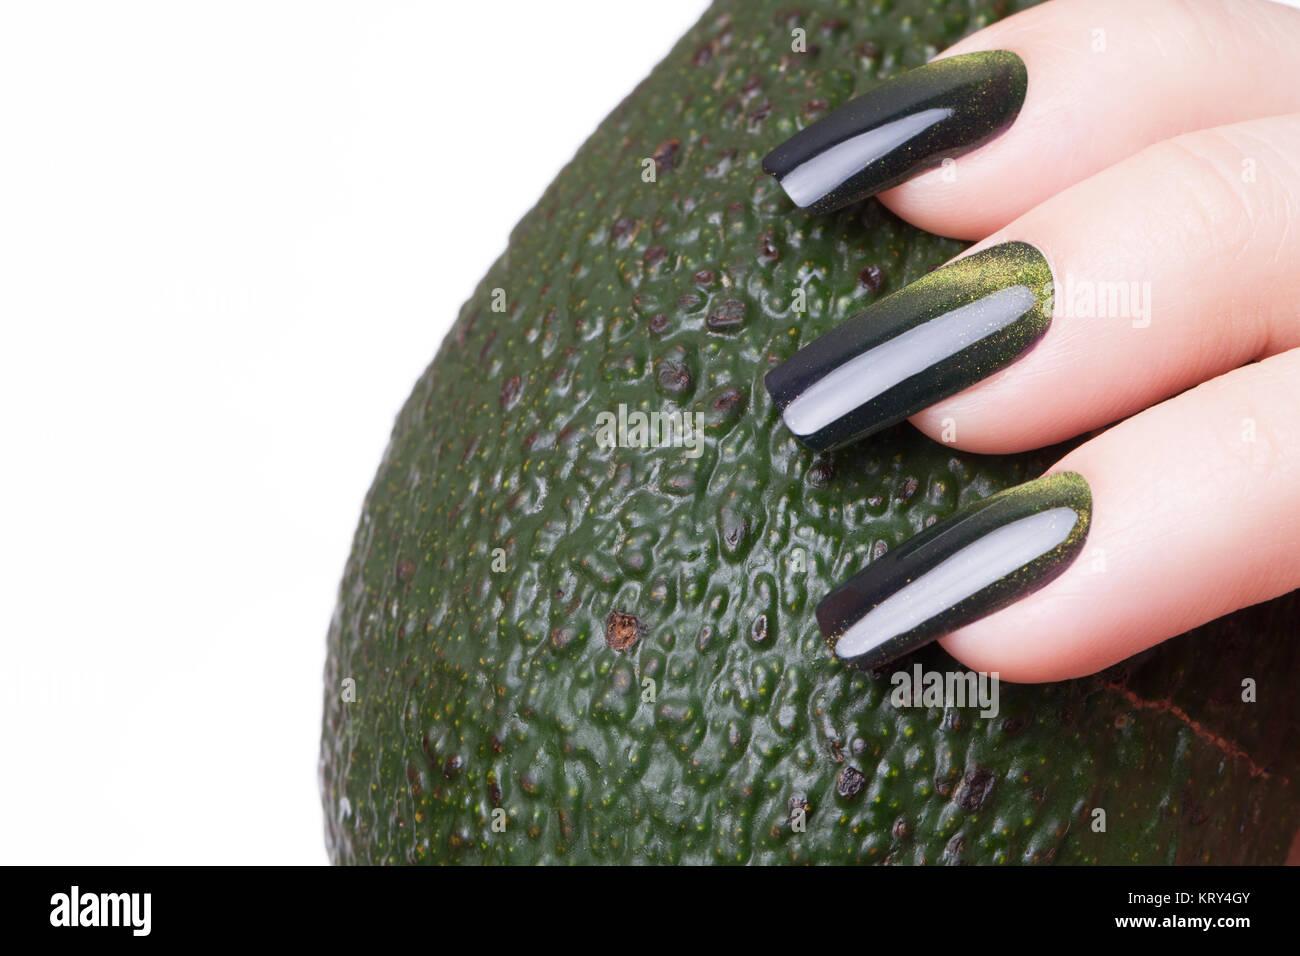 gr ner nagellack stockfoto bild 169626715 alamy. Black Bedroom Furniture Sets. Home Design Ideas